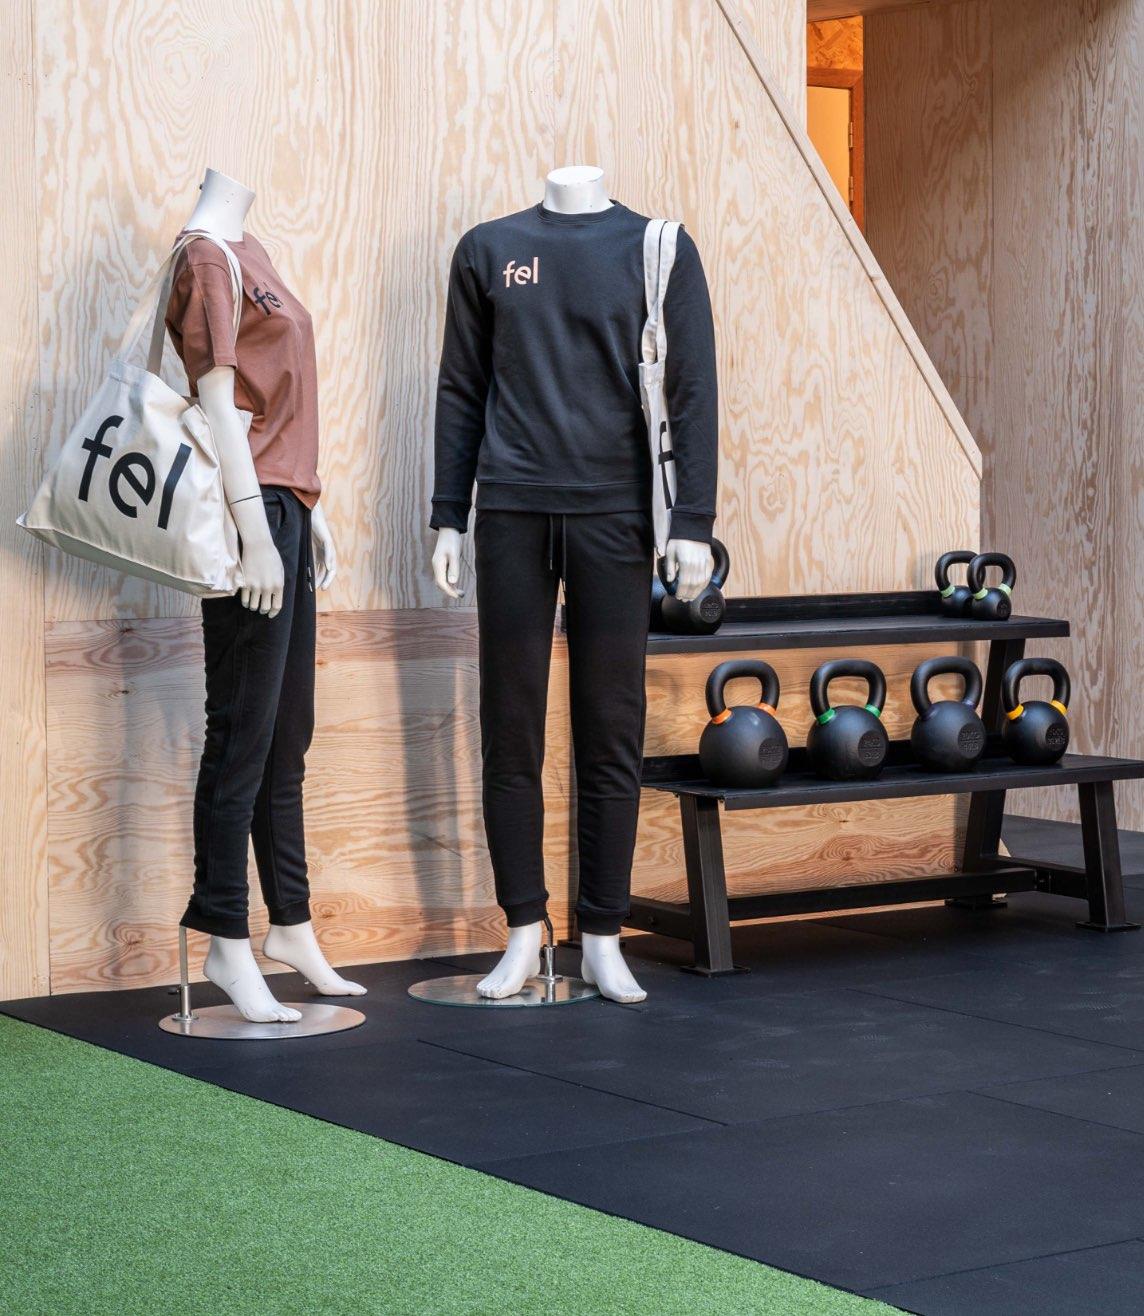 Foto van 2 mannequins met de kleren aan van FEL. De vrouwelijke mannequin, links in beeld, heeft een bruine t-shirt aan, zwarte jogging en draagt shopping bag. De mannelijke mannequin, rechts in beeld draagt een zwarte pull, zwarte jogging en draagt een tote bag.